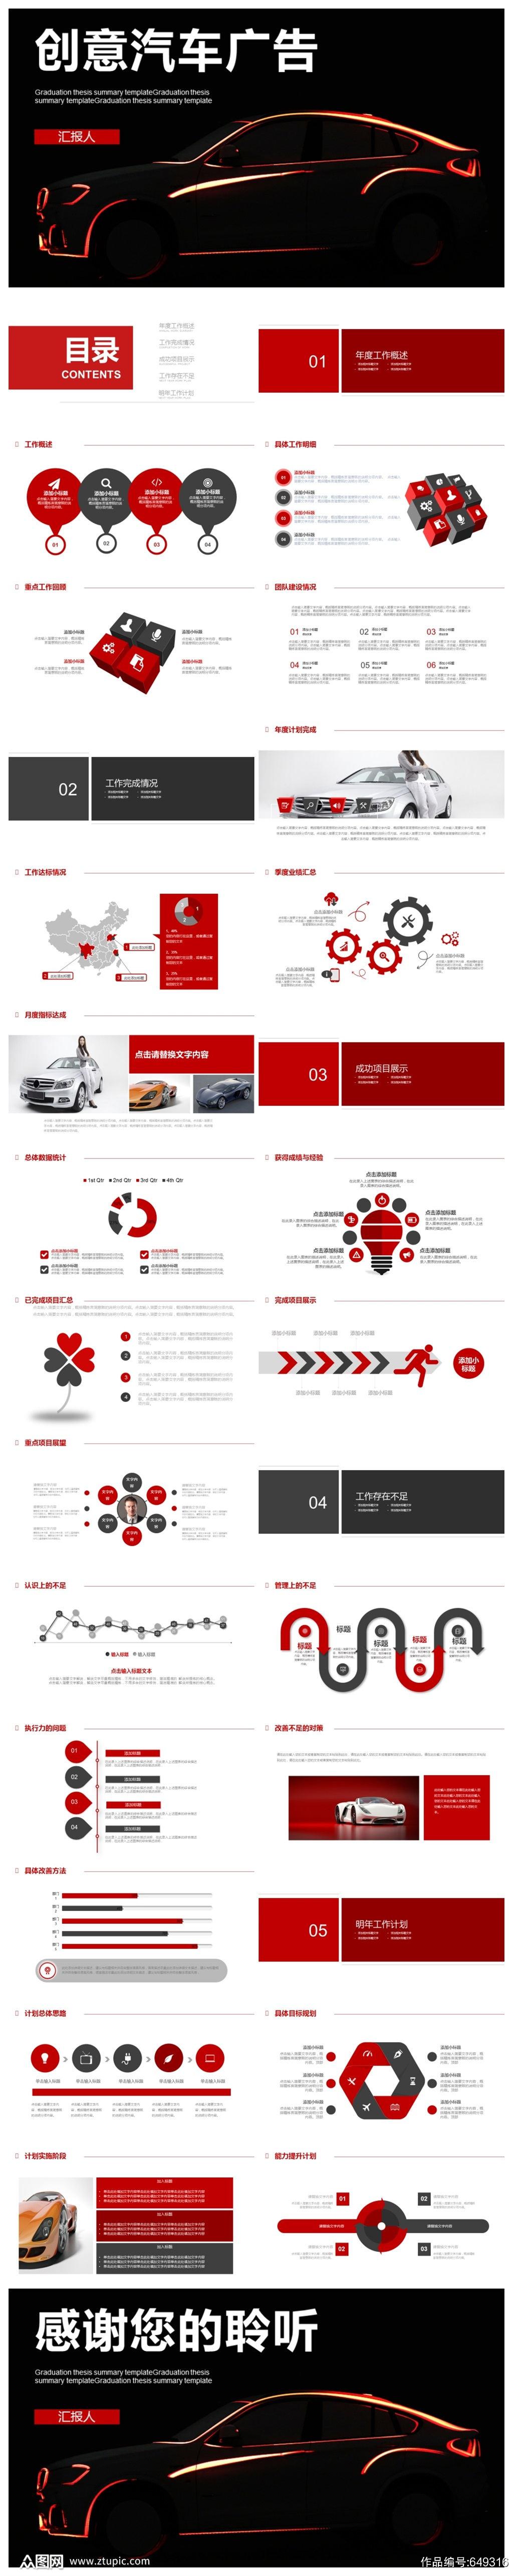 创意汽车广告策划PPT模板素材